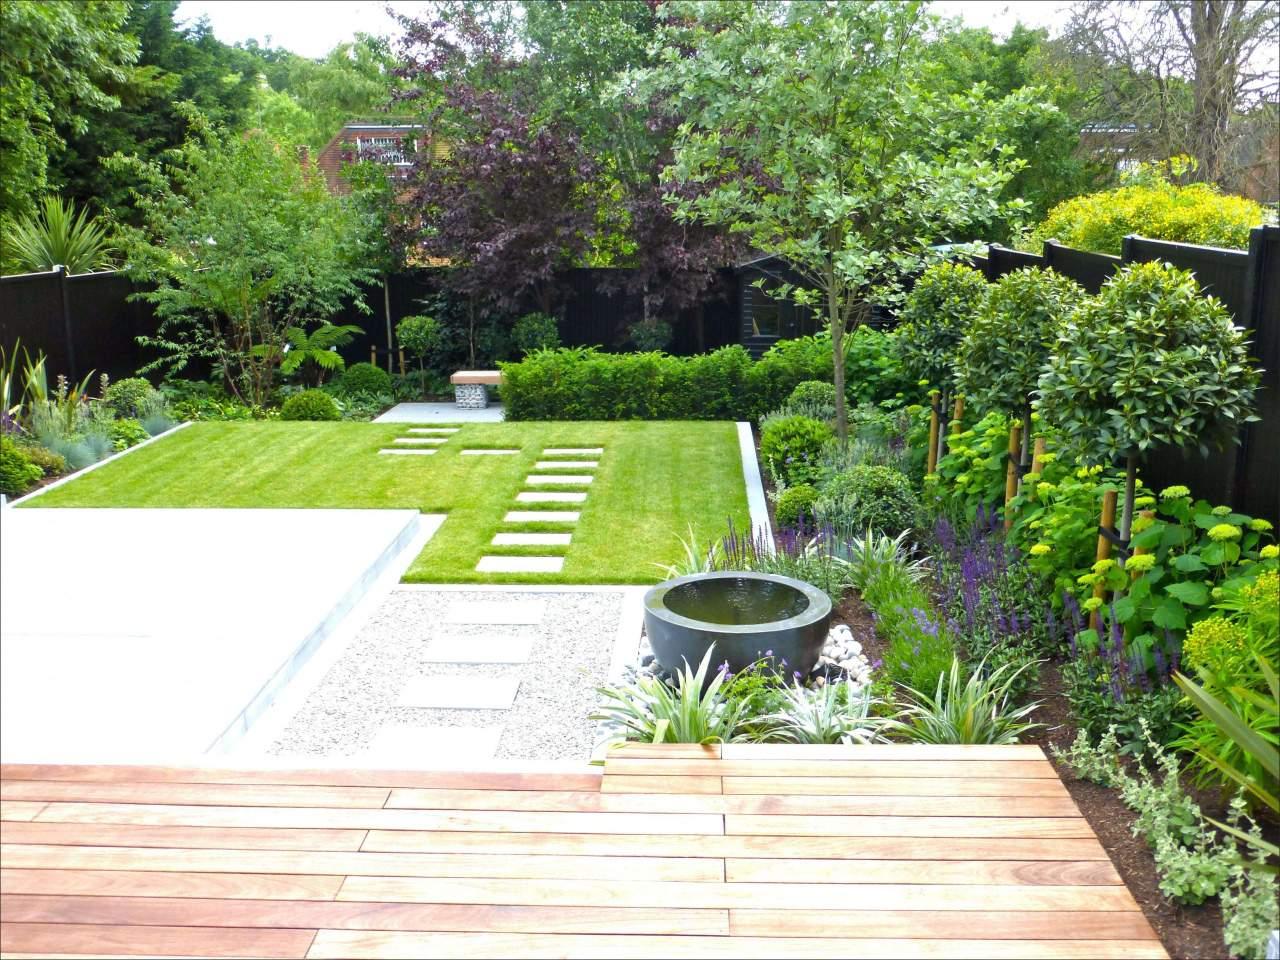 pool im garten kosten luxus aldi gazebo replacement canopy cheap outdoor furniture of pool im garten kosten